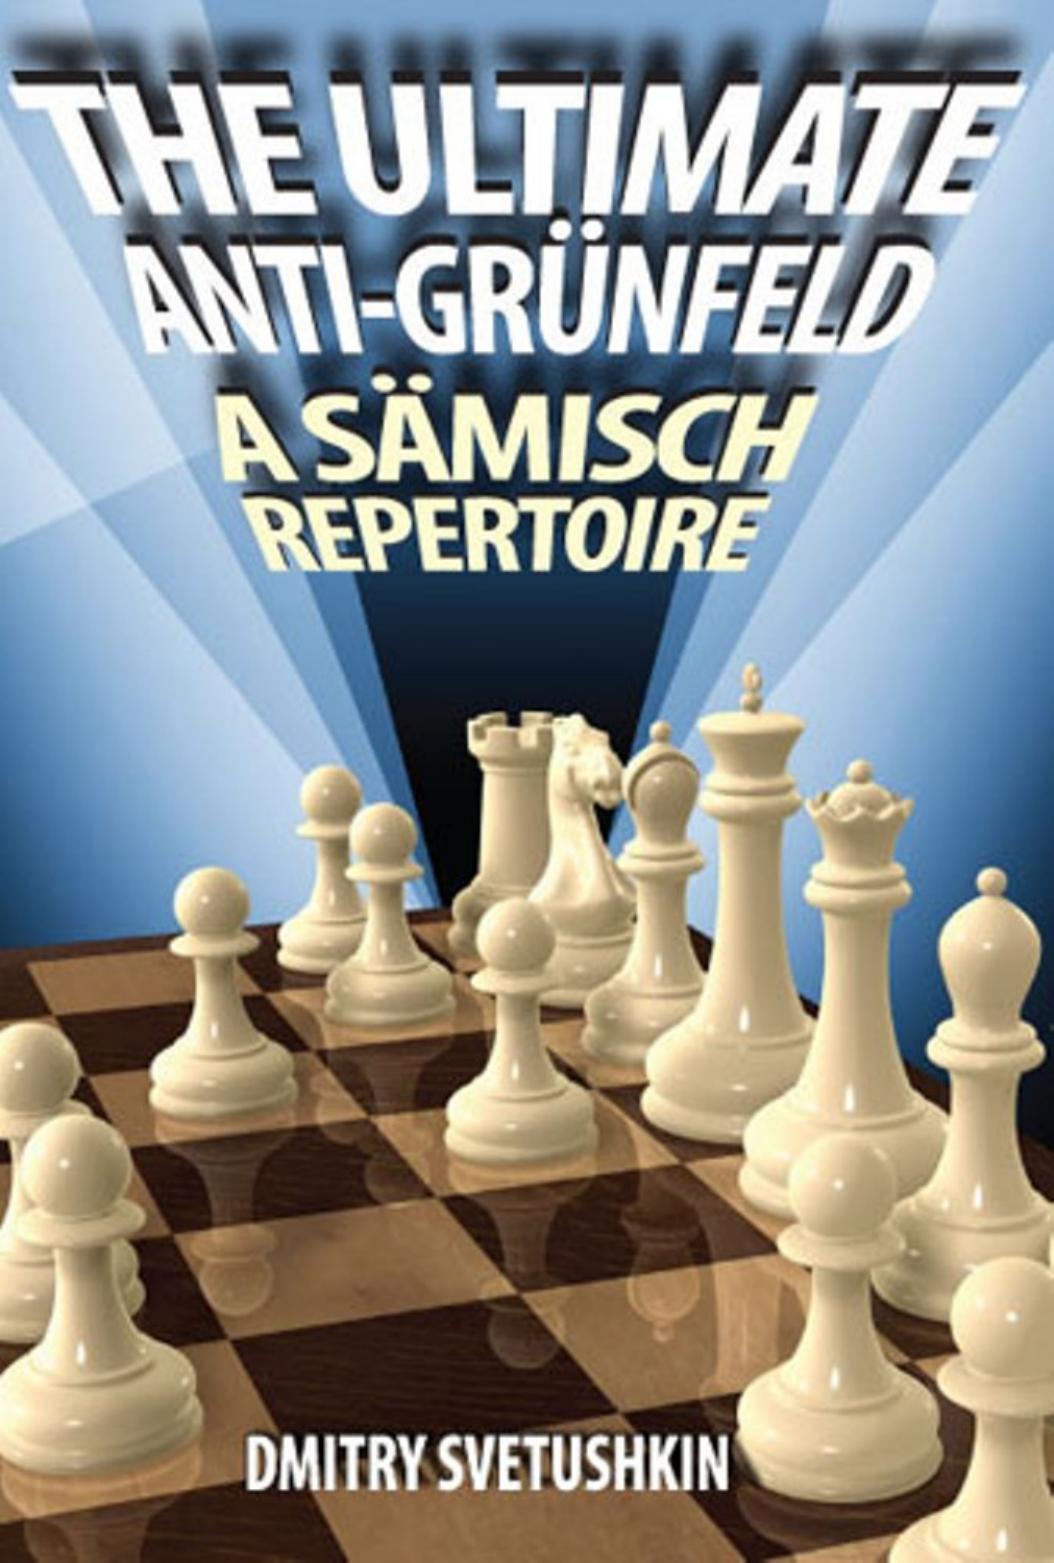 The Ultimate Anti Grunfeld